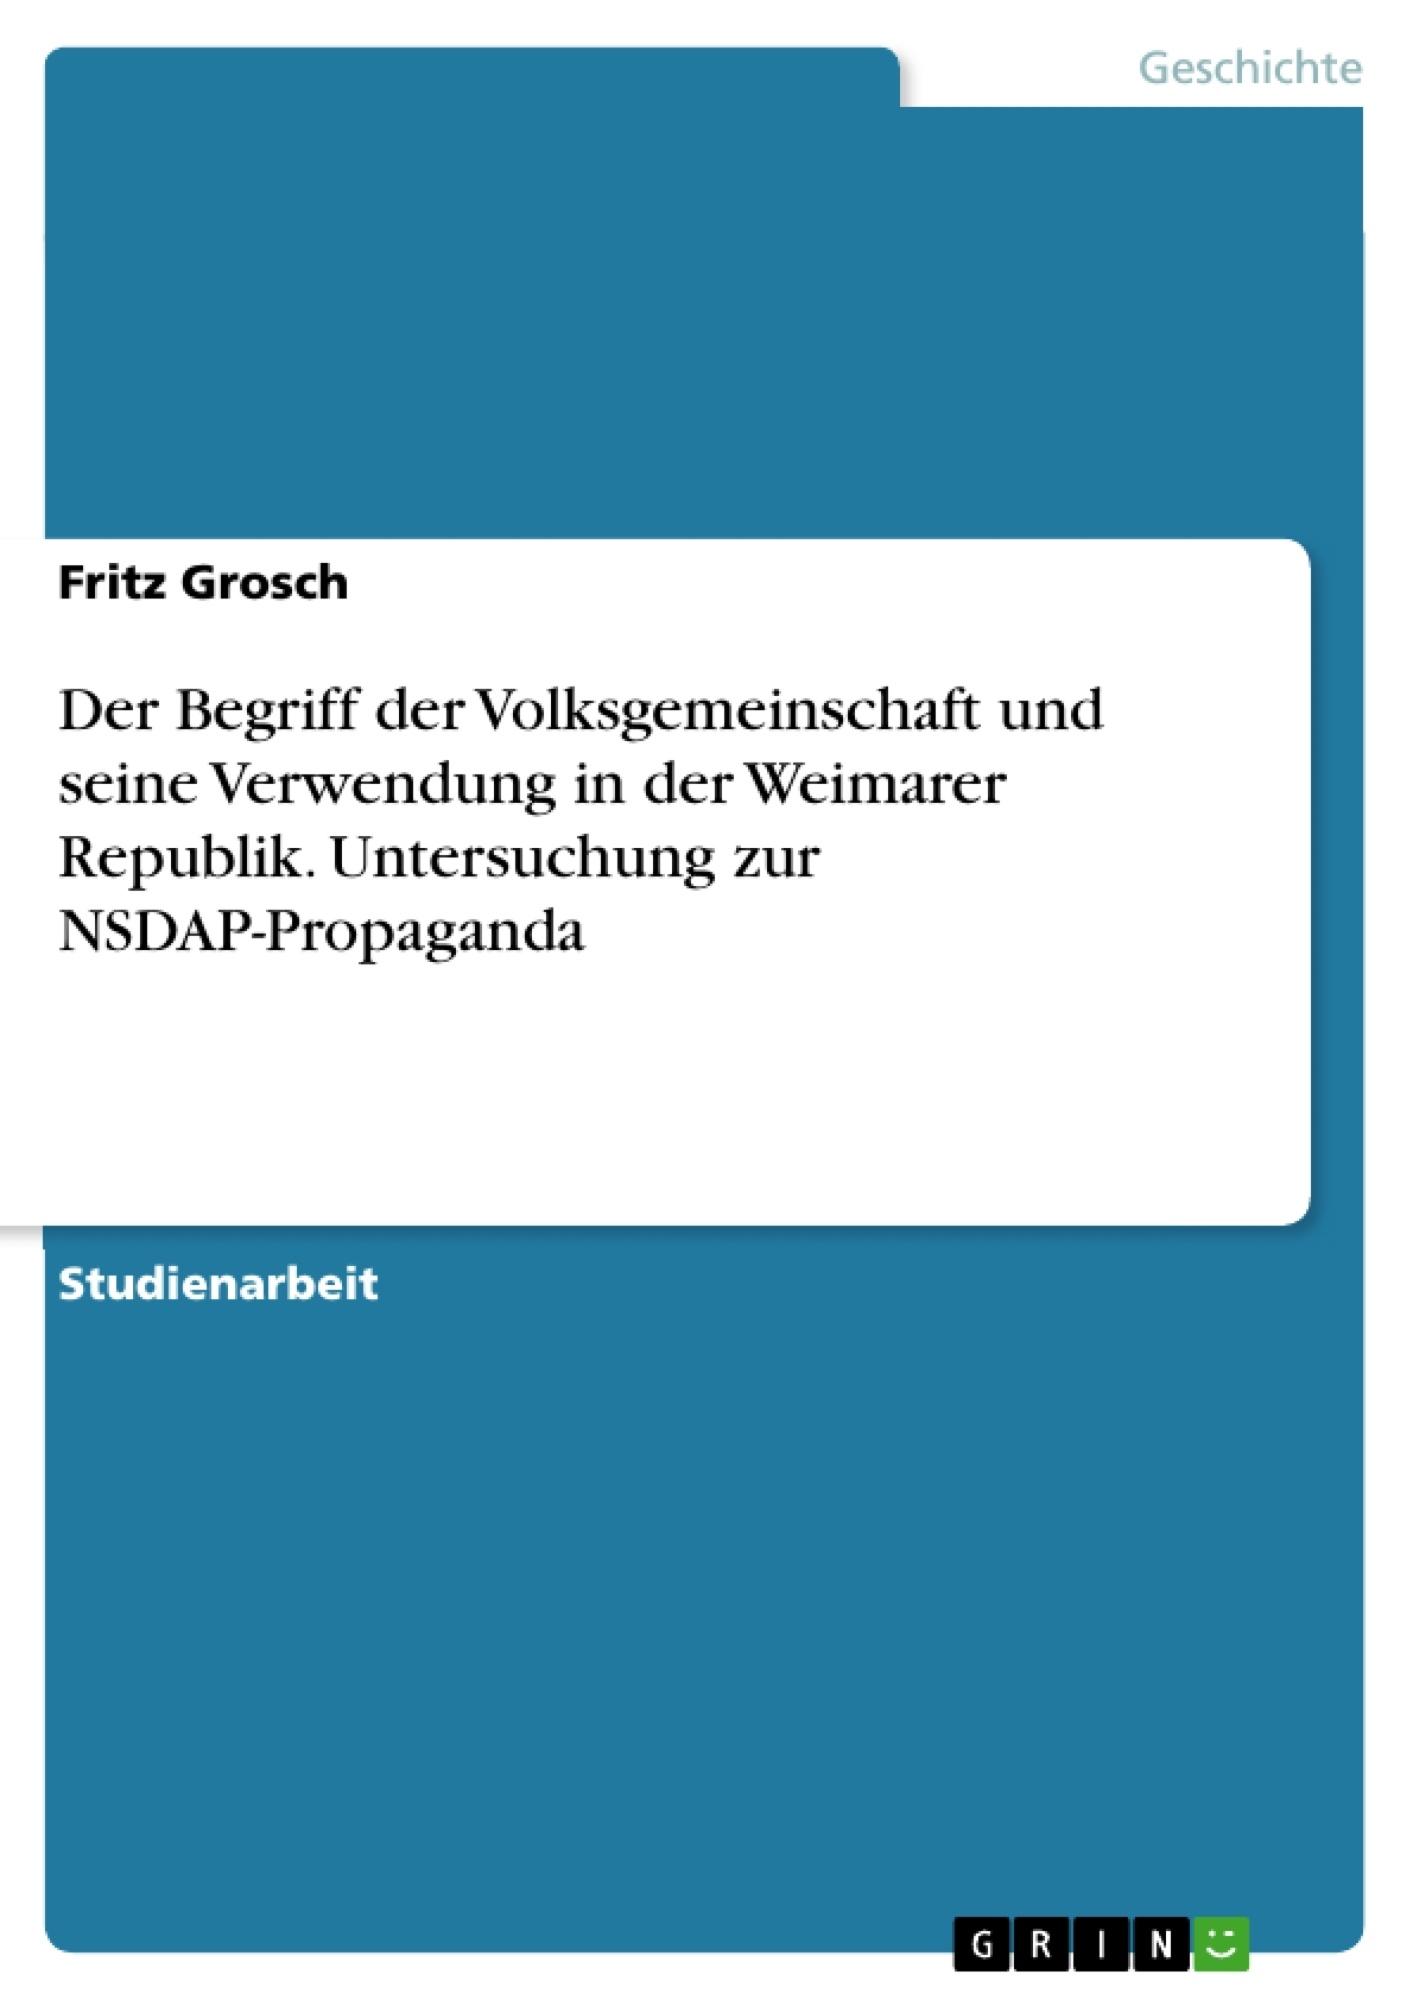 Titel: Der Begriff der Volksgemeinschaft und seine Verwendung in der Weimarer Republik. Untersuchung zur NSDAP-Propaganda